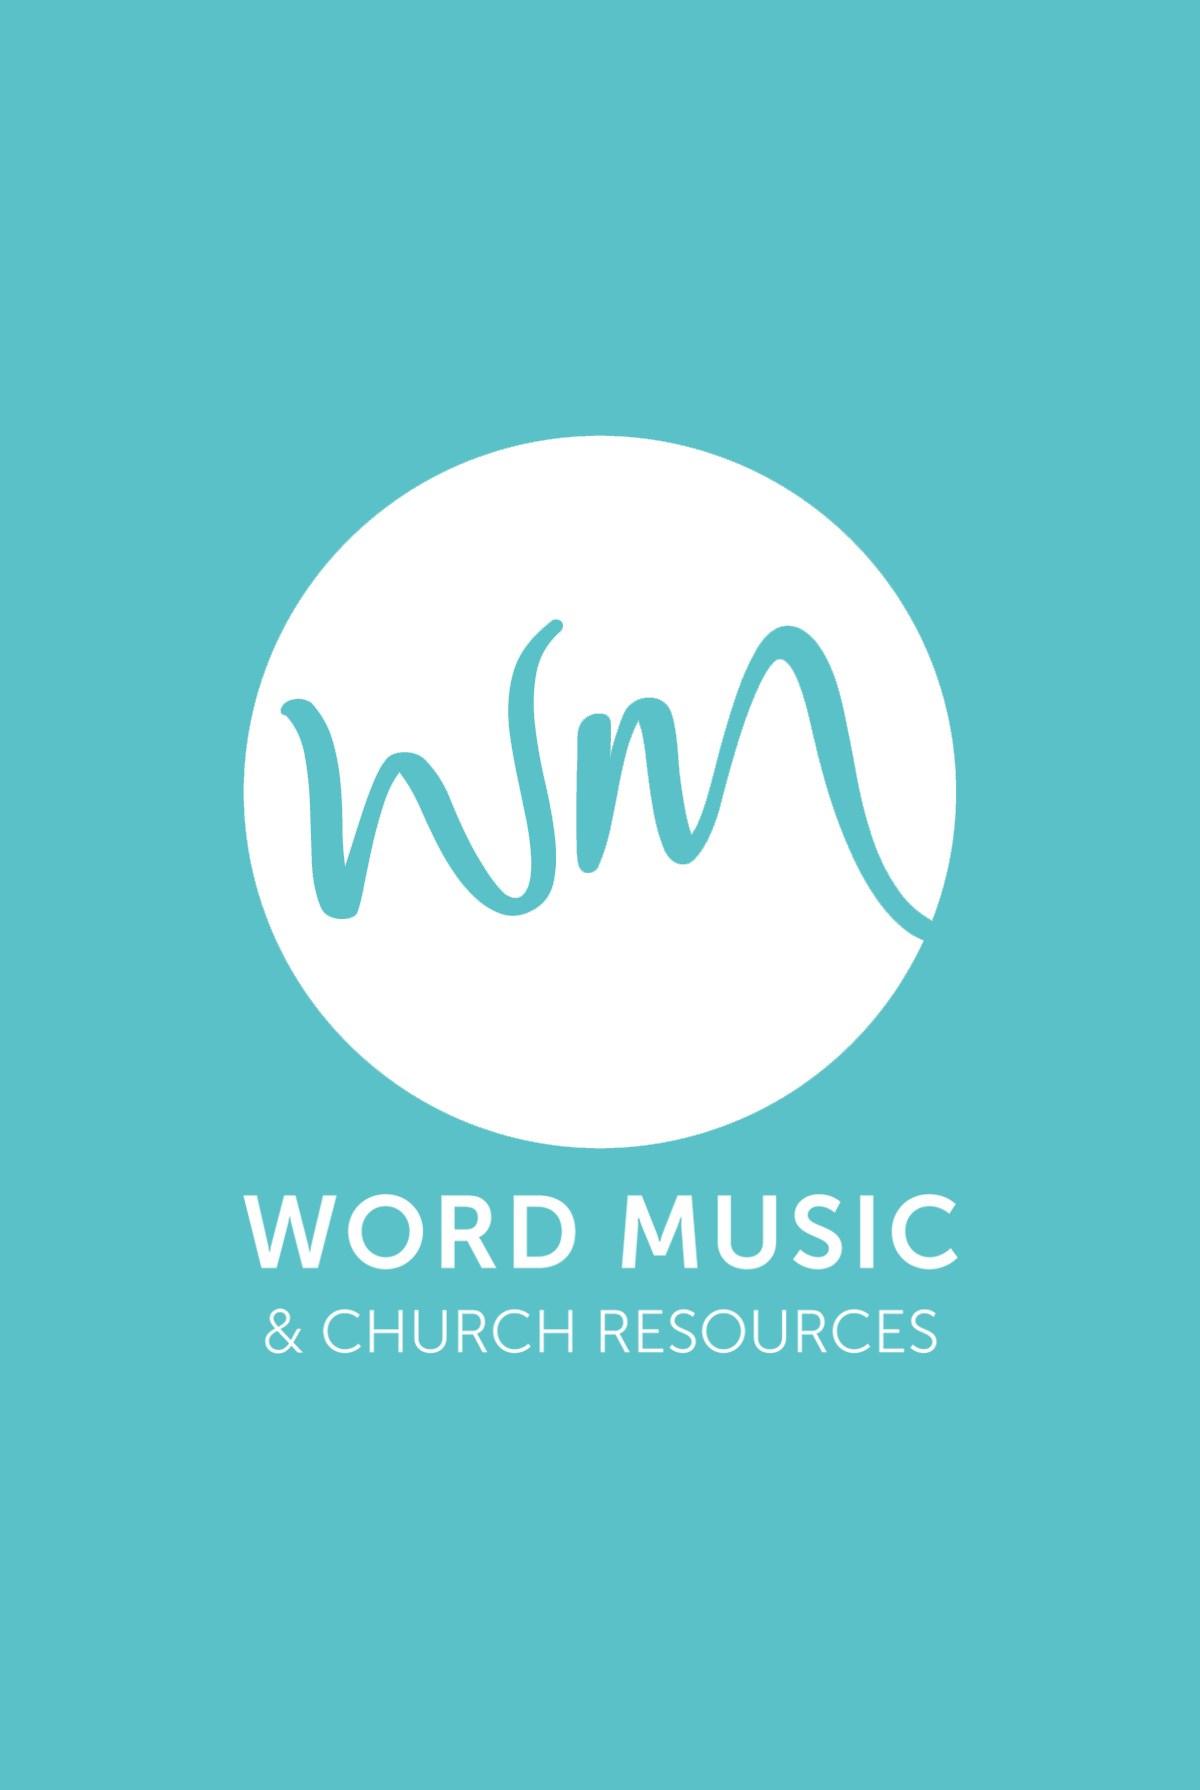 Simply Worship